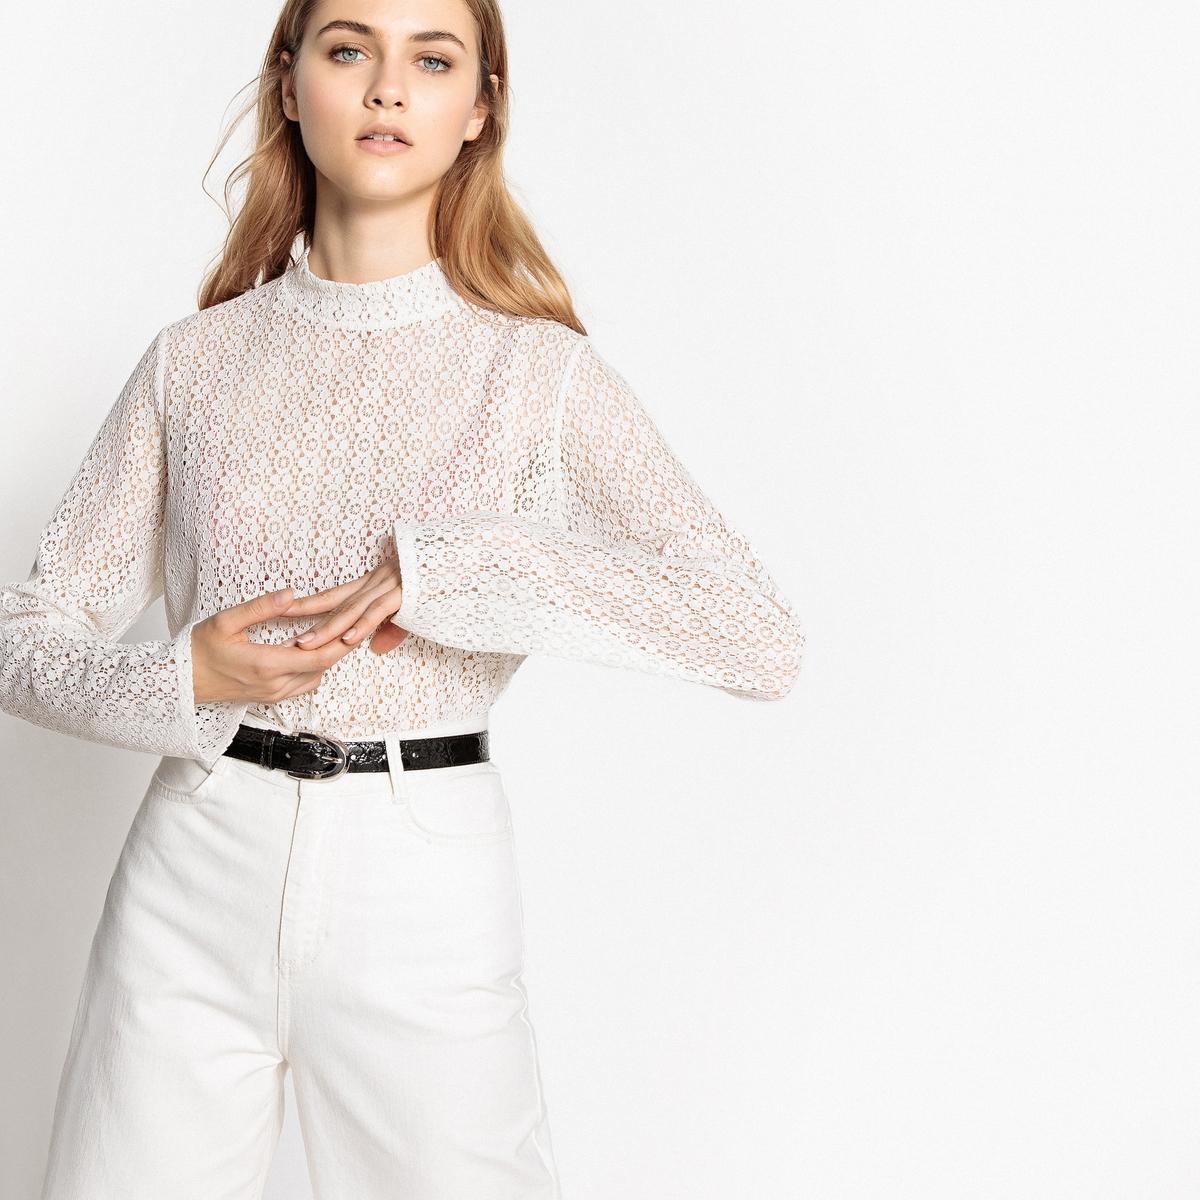 Koronkowa bluzka z wiązaniem na plecach i ze stójką